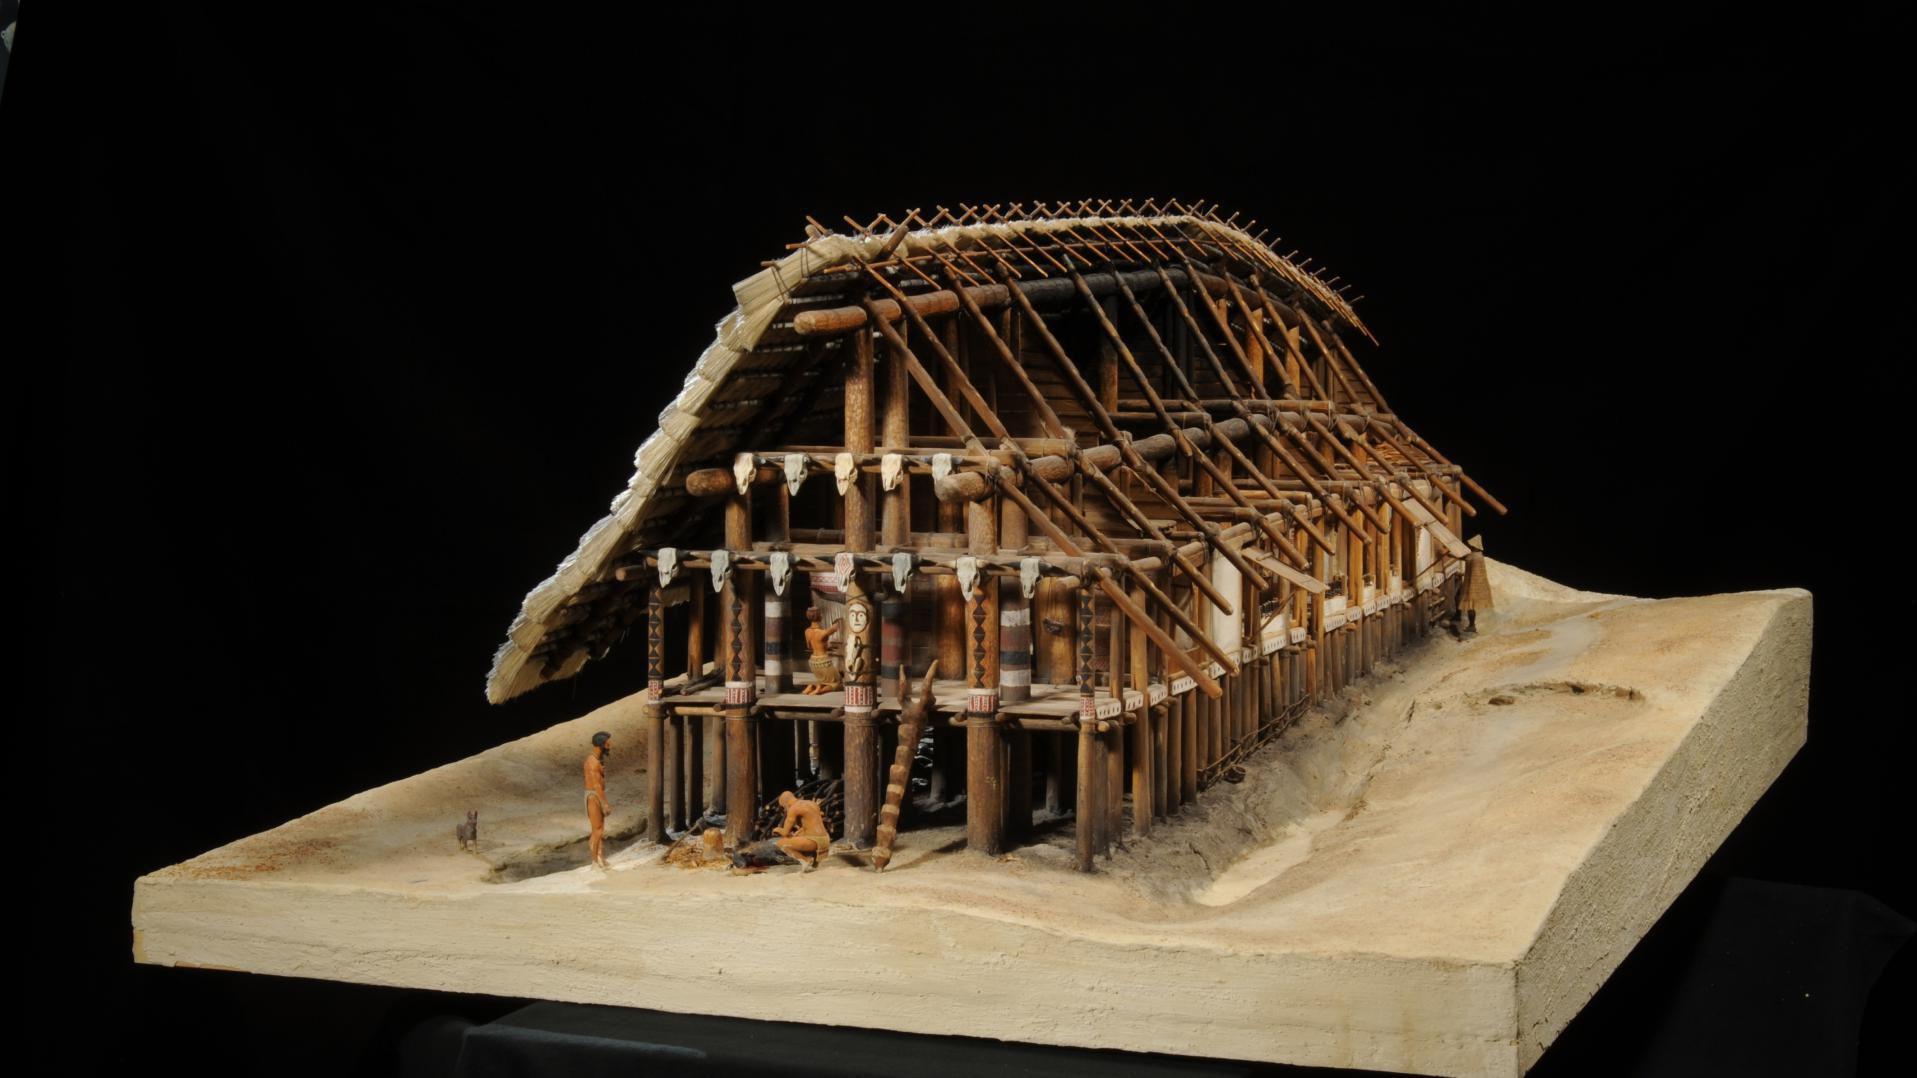 Ein linienbandkeramisches Langhaus als Modell in der Dauerausstellung bietet viele Einblicke in das häusliche Alltagsleben. © Landesamt für Denkmalpflege und Archäologie Sachsen-Anhalt, Juraj Lipták.